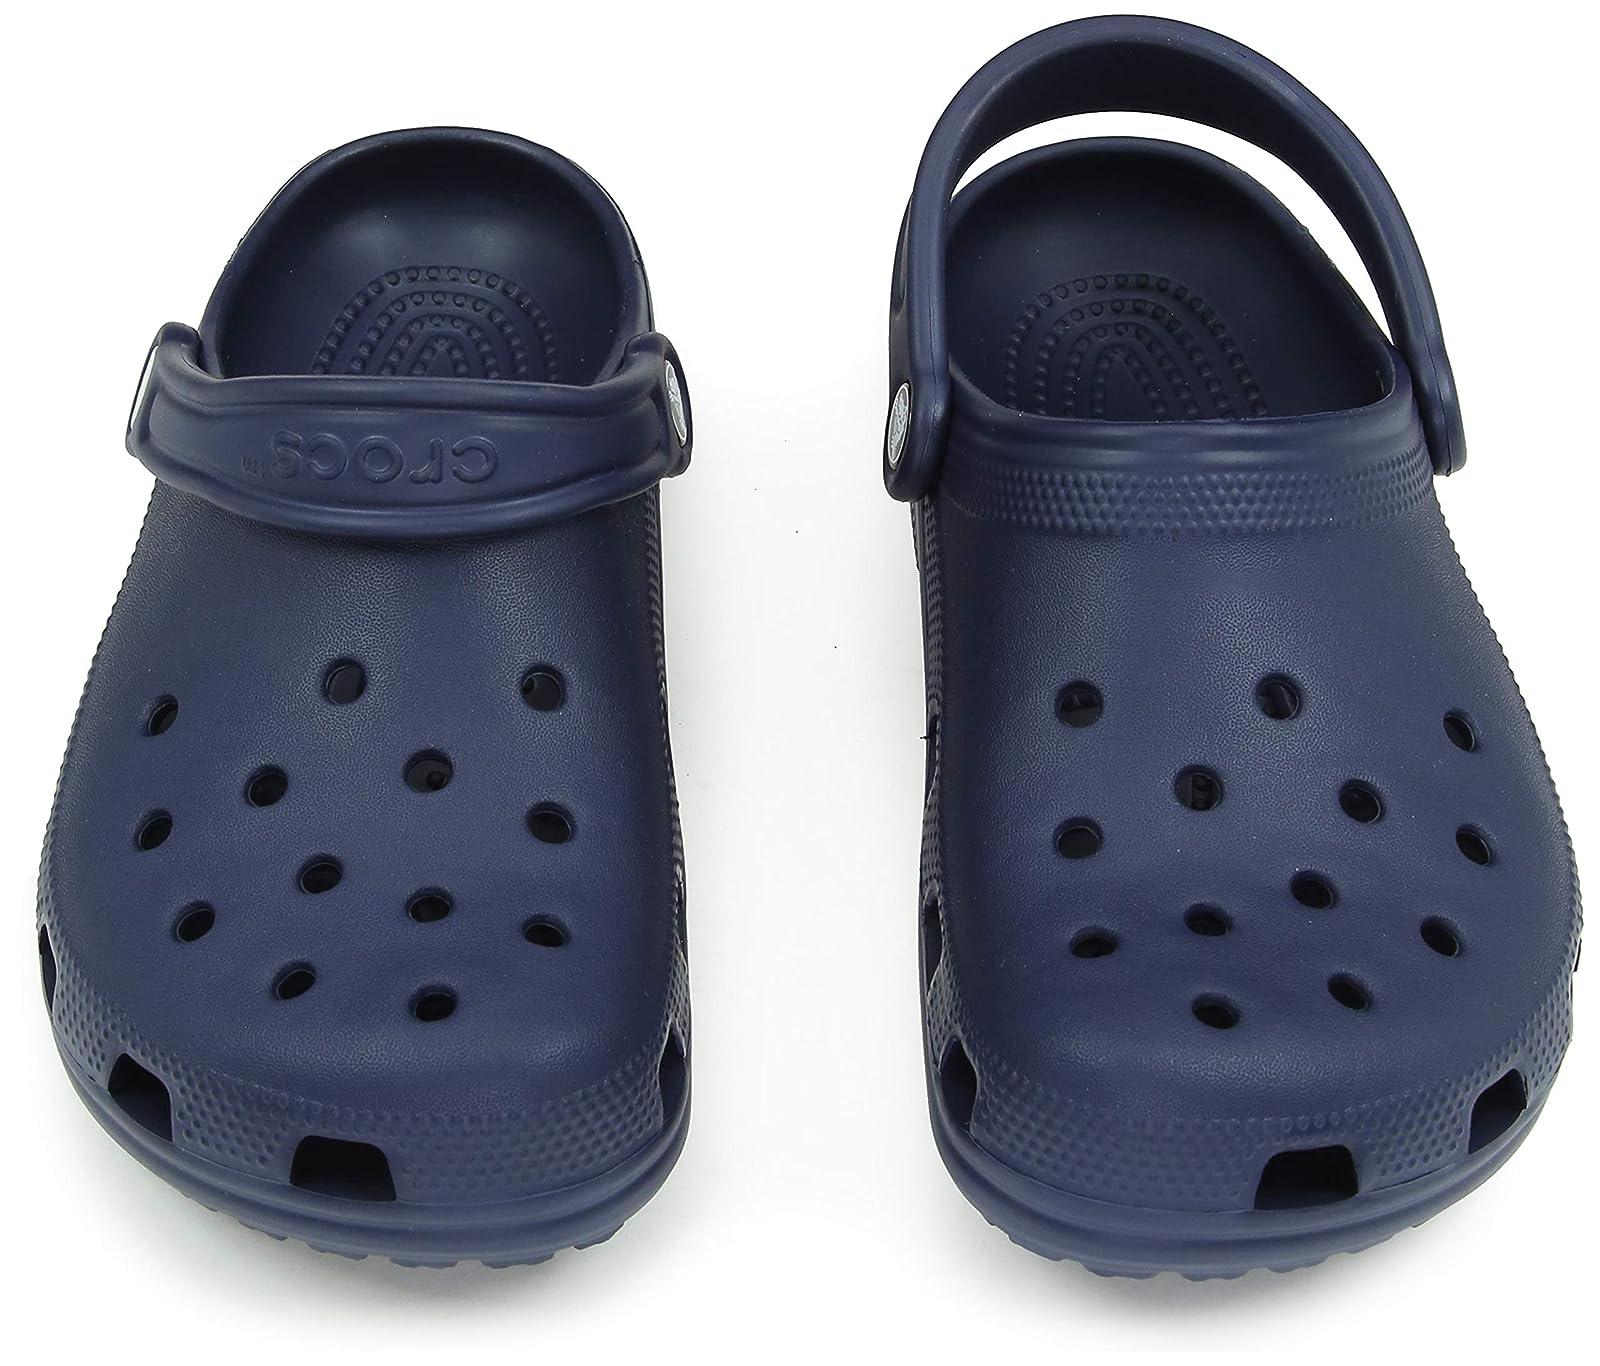 Crocs Men's and Women's Classic - 9